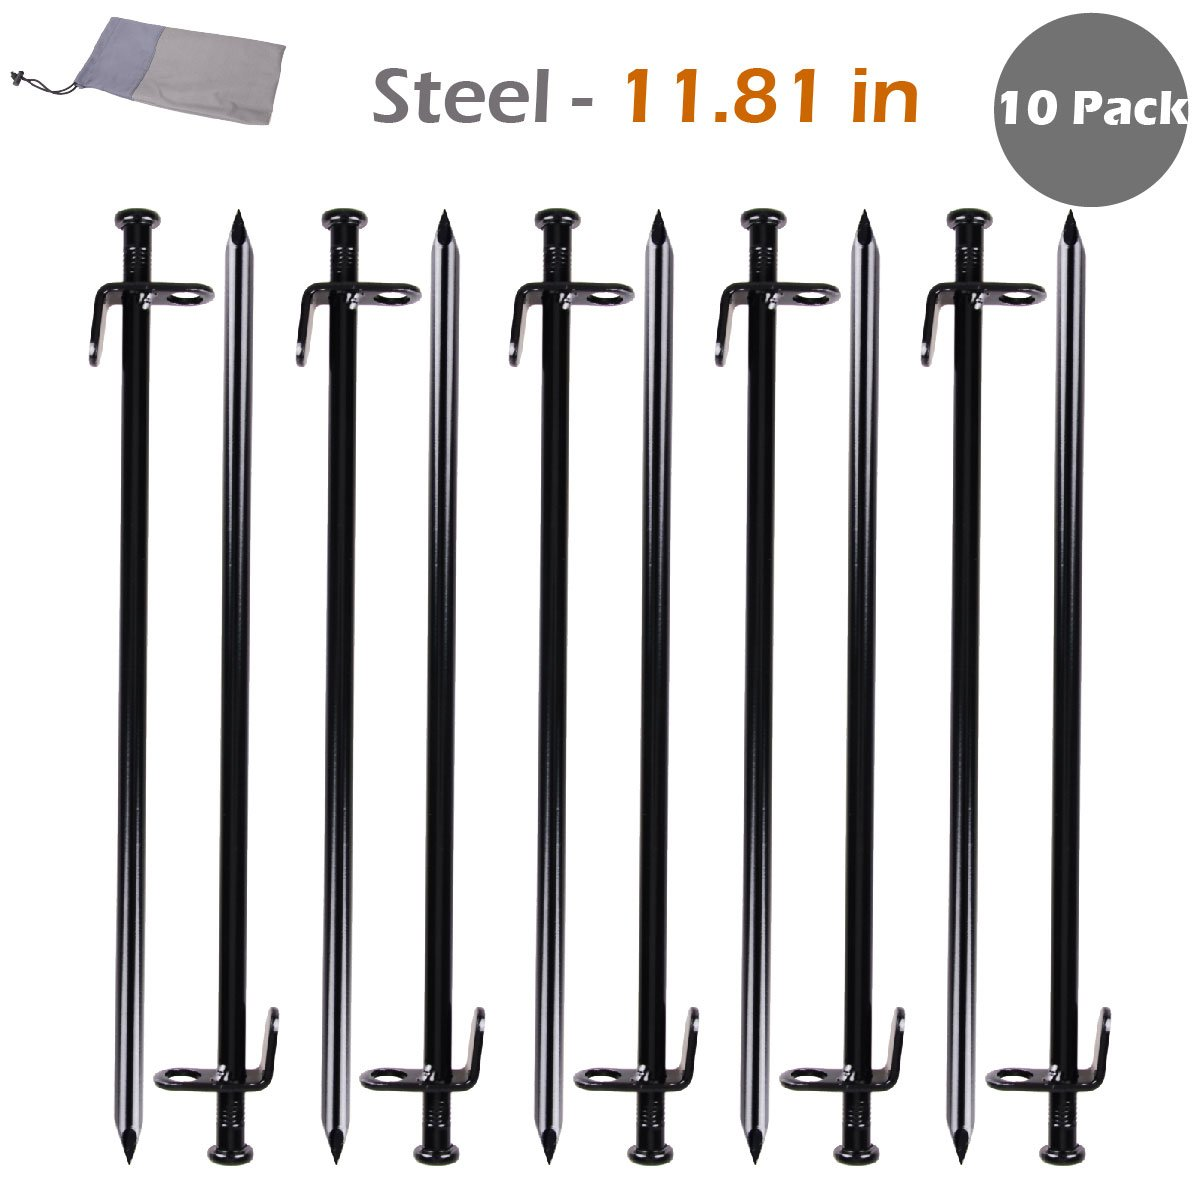 Triwonder Tende per tondini in acciaio per carichi pesanti Tamburi per tacchi per impronte Solido per picchetti